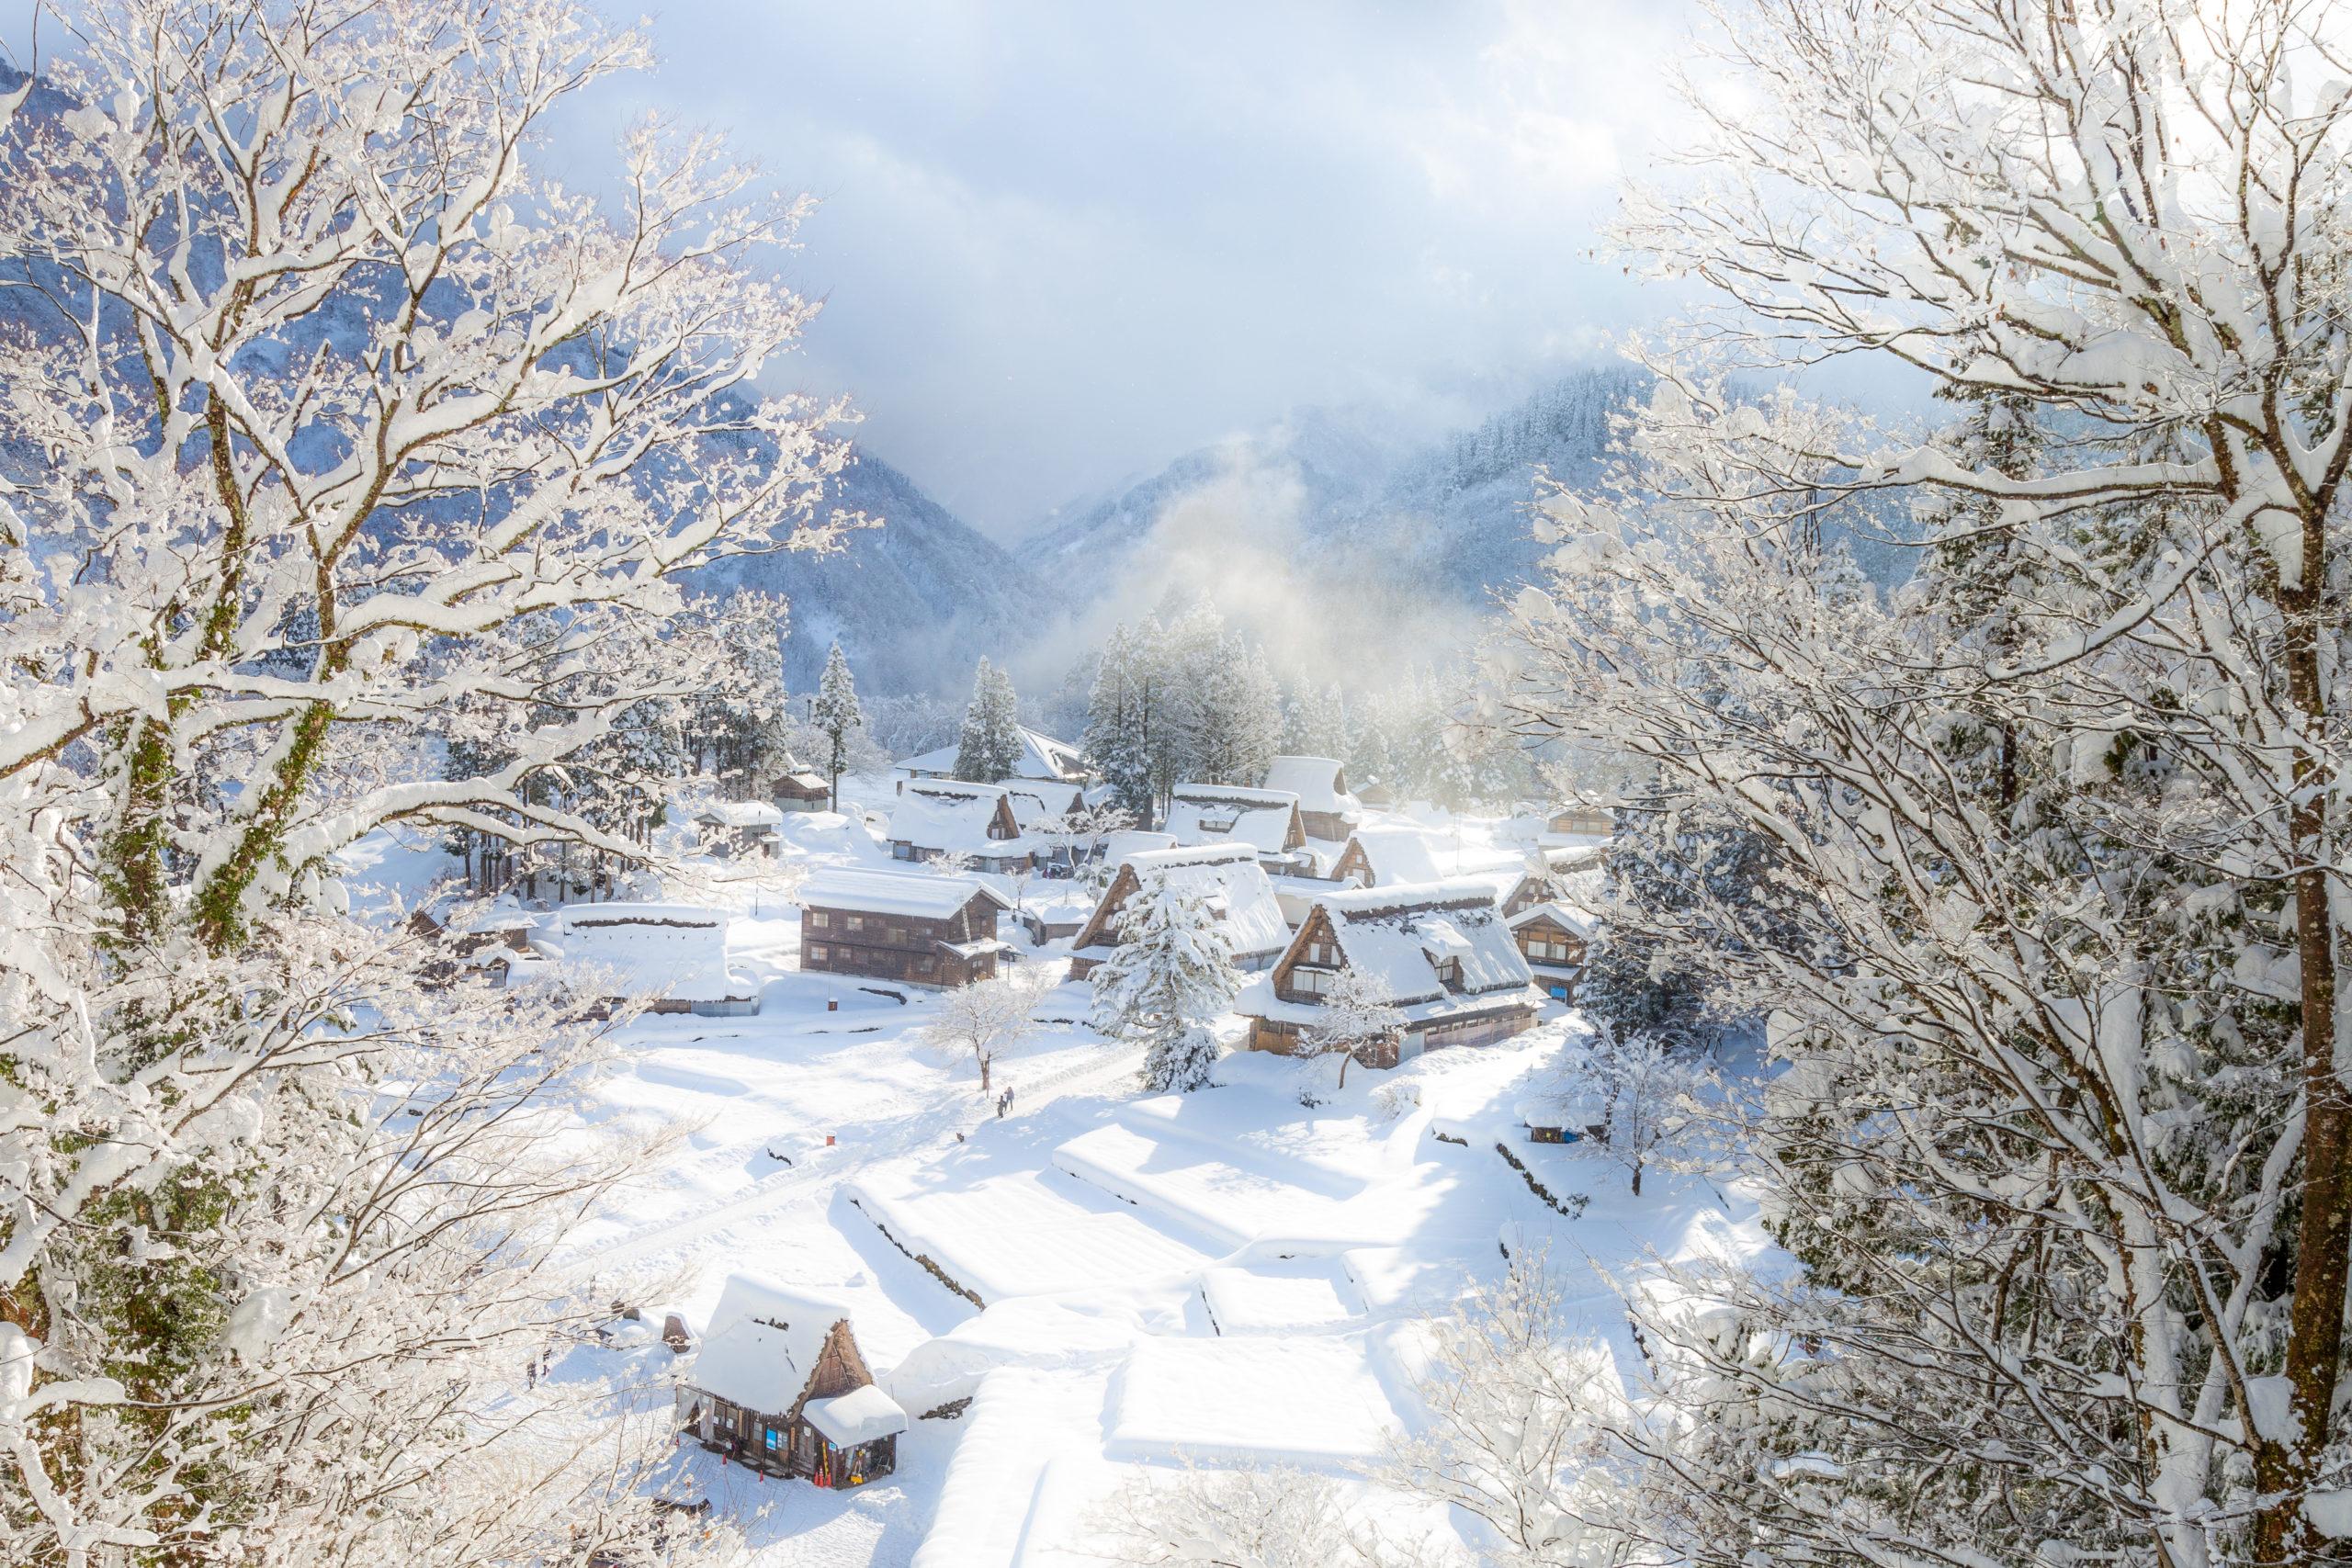 五箇山合掌造り集落(富山県南砺市)| 風景撮影の画像